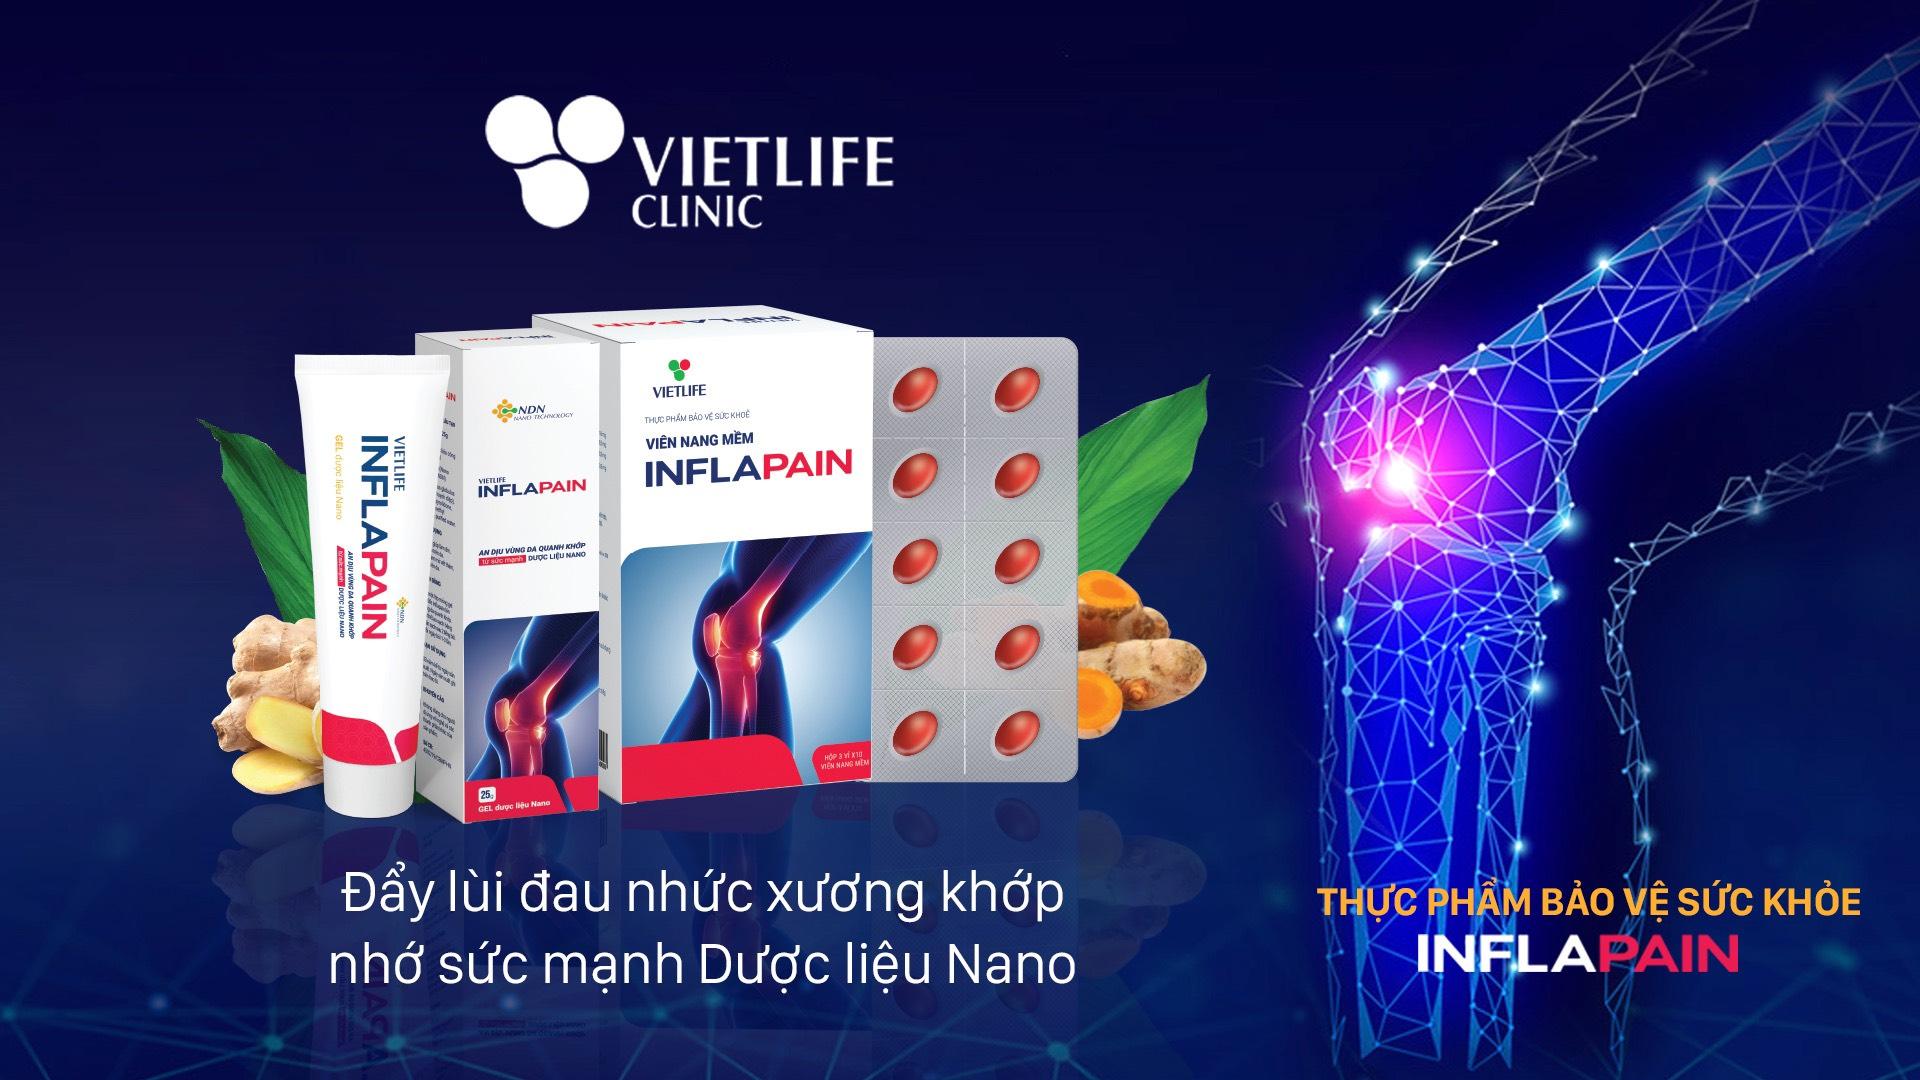 Sử dụng Vietlife Inflapain có tác dụng phụ không? 1